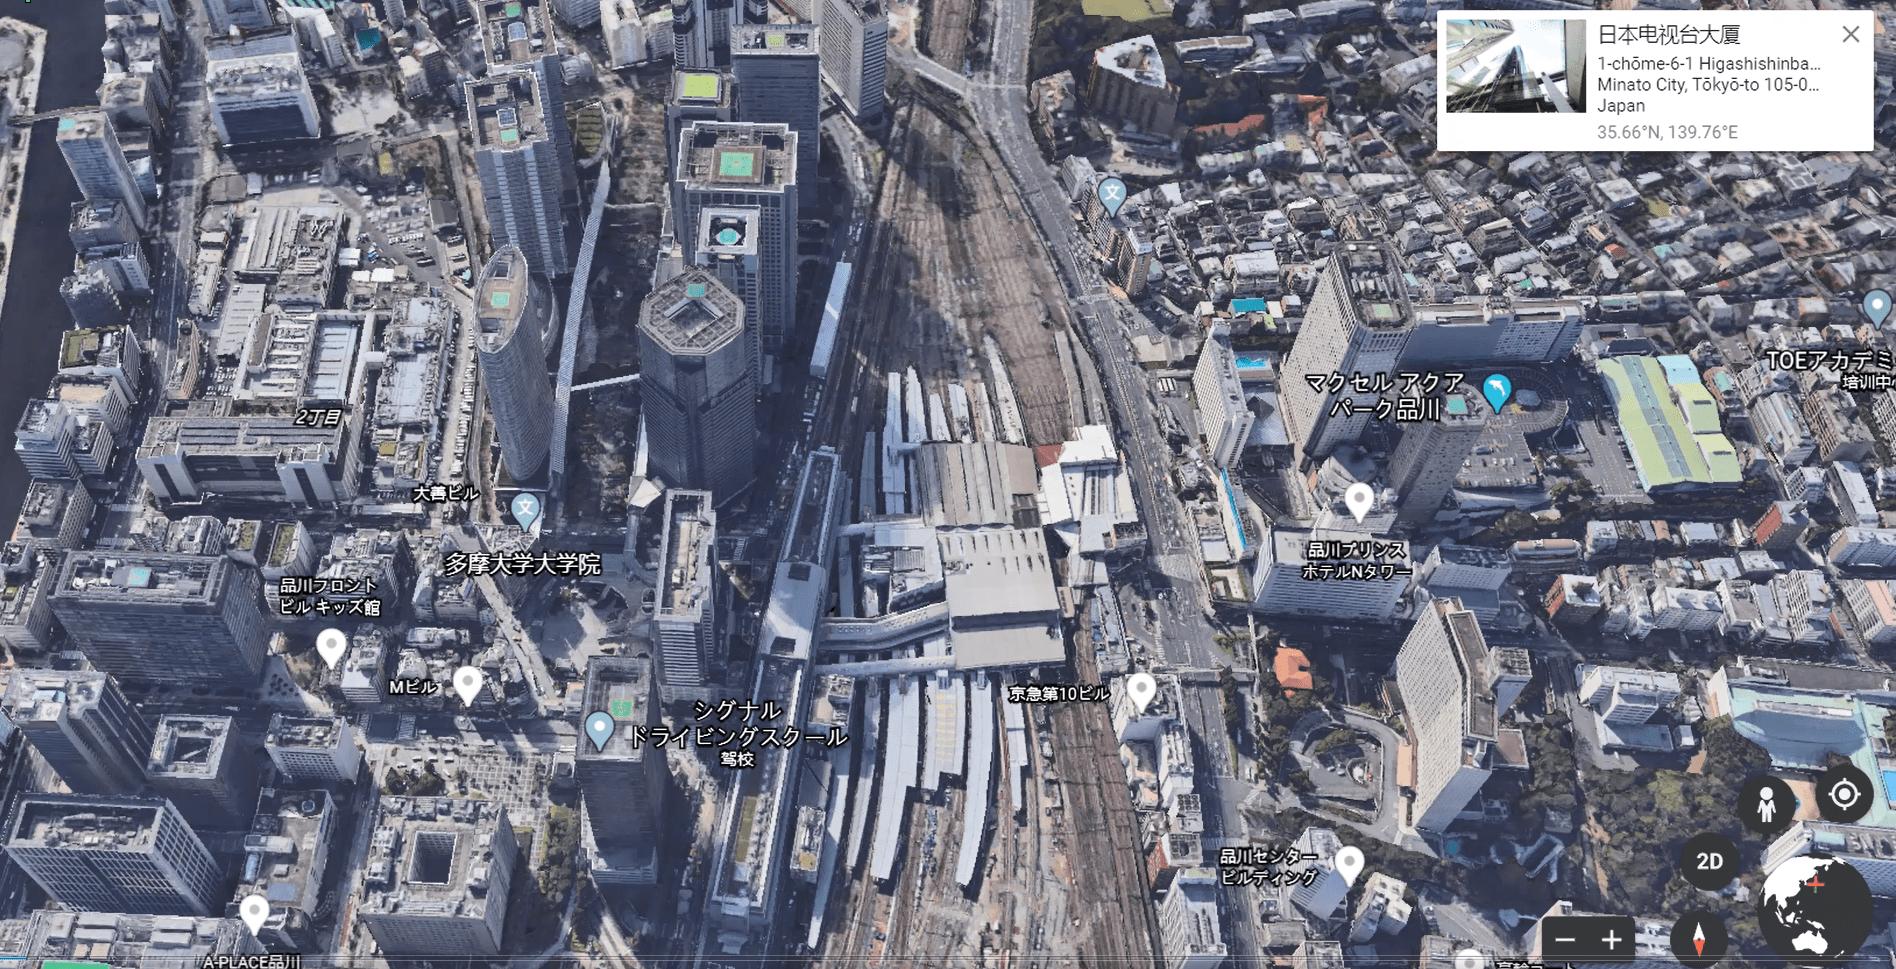 谷歌3d地图下载_谷歌3d地图20.0.0 破解版... - 全方位下载手机版